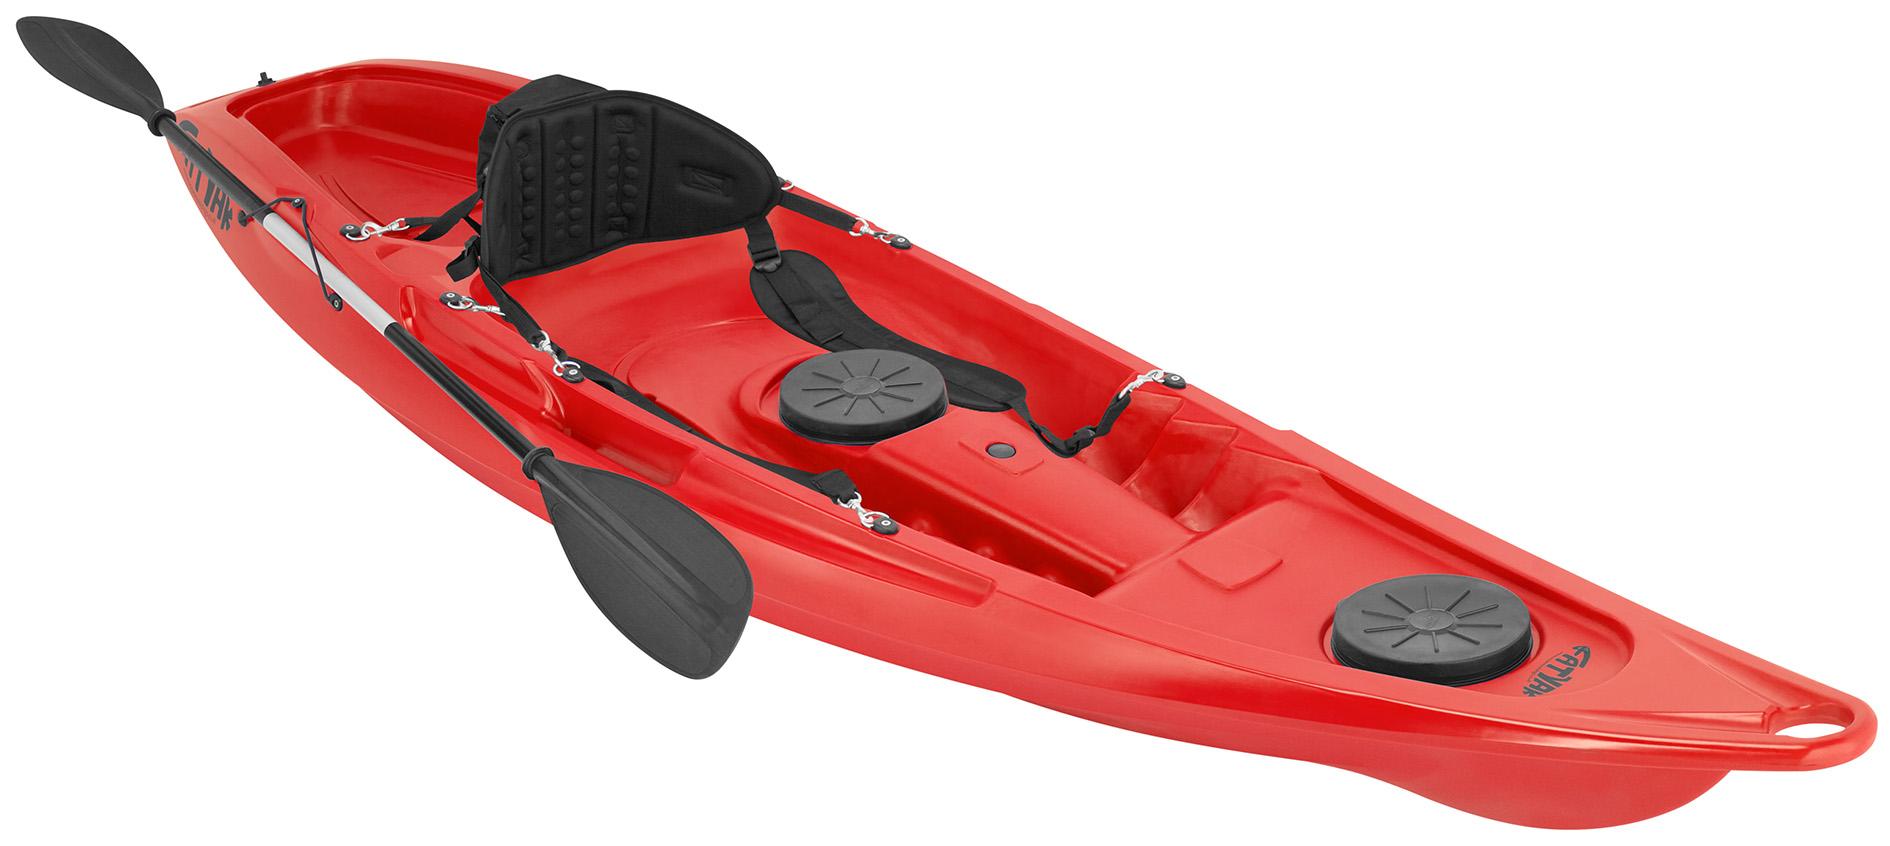 Fatyak-Kaafu-Surfing-Fishing-Kayak-Paddle-Seat-Back-Red-wallpaper-wp4406891